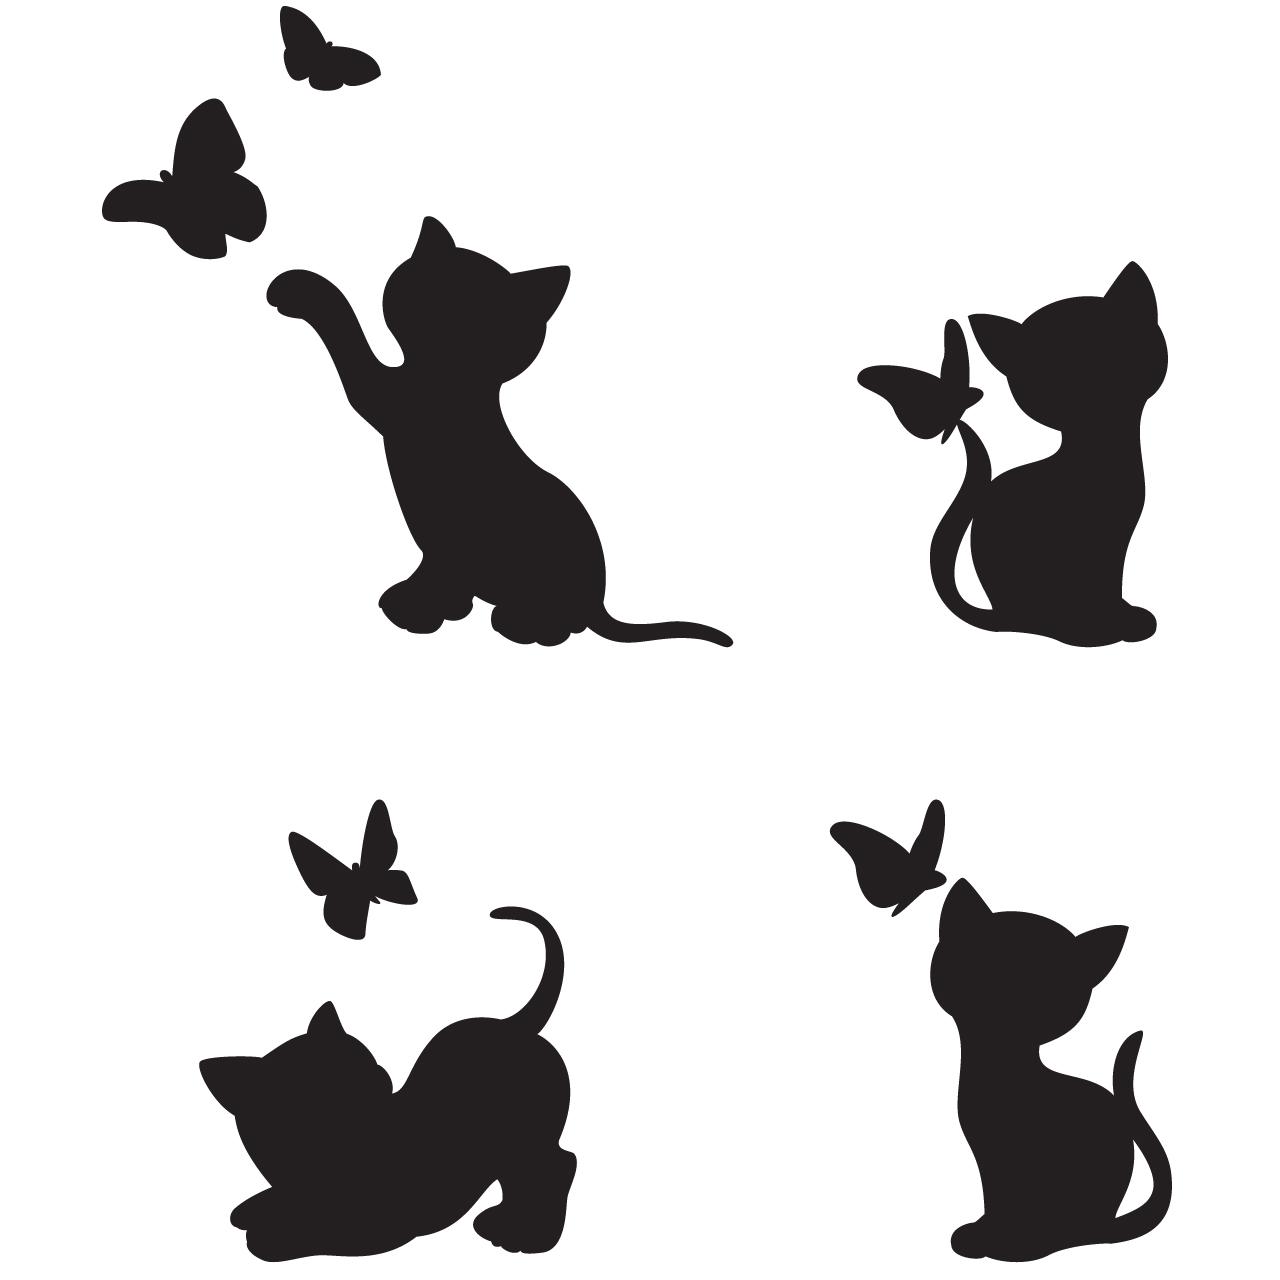 استیکر کلید و پریز طرح گربه ها مجموعه 4 عددی